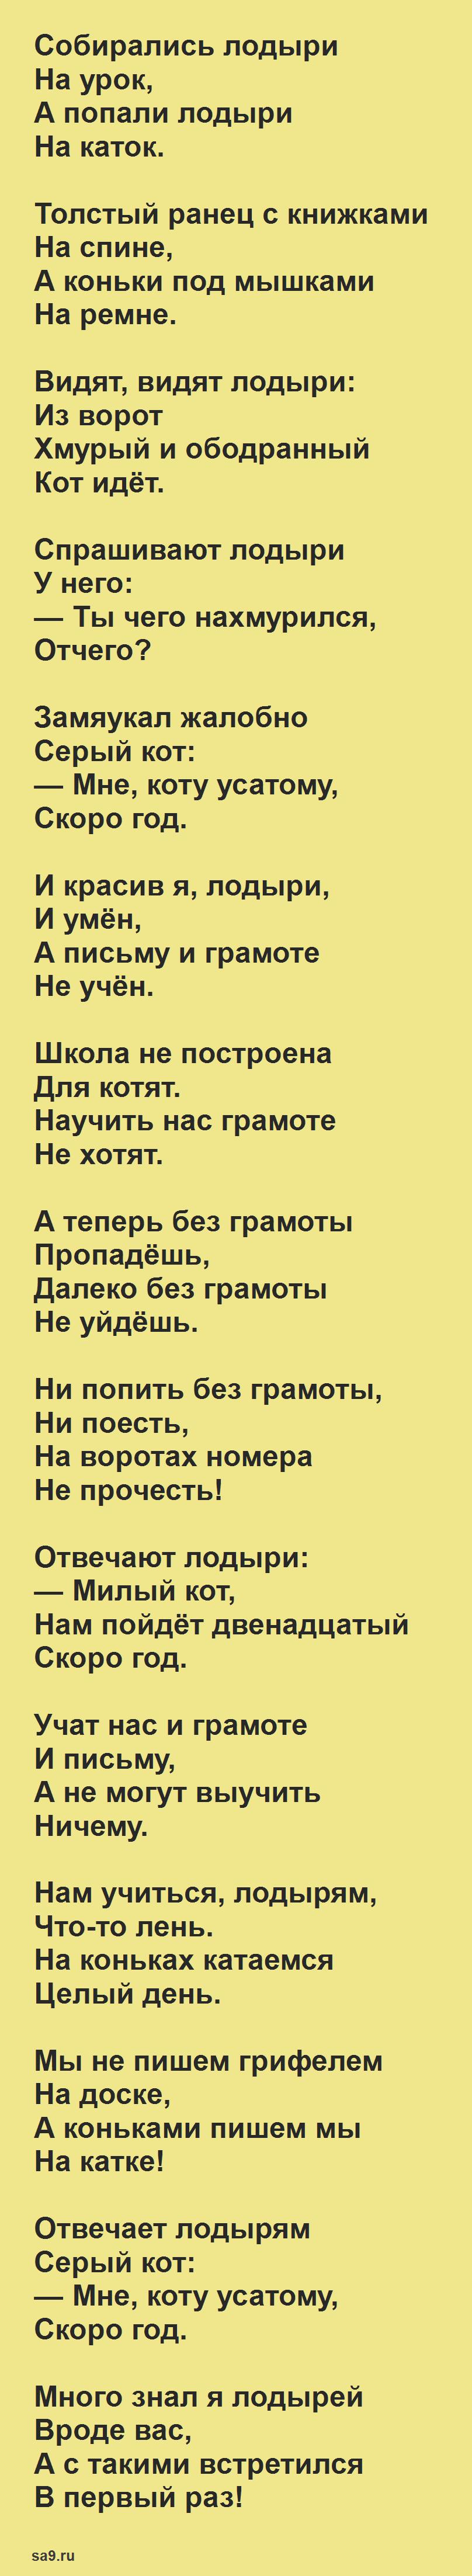 Веселые стихи для детей 6 - 7 лет - Кот и лодыри, Маршак